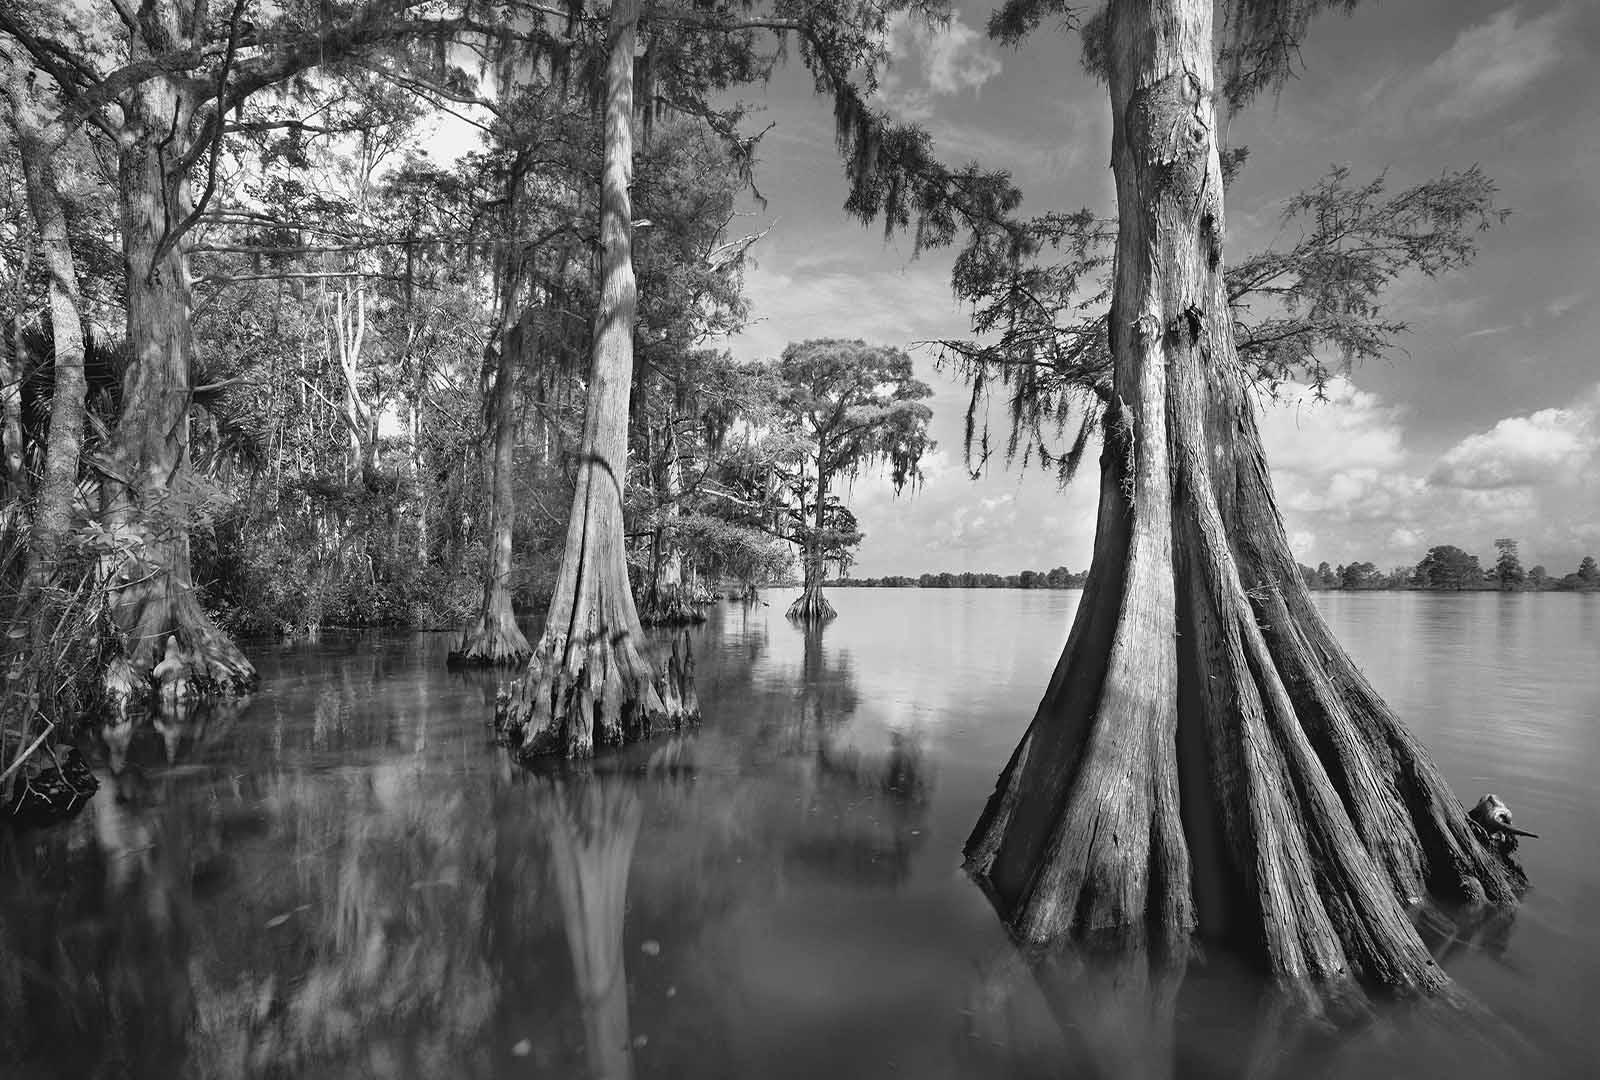 Apalachicola River 1 169 2005 Clyde Butcher Black